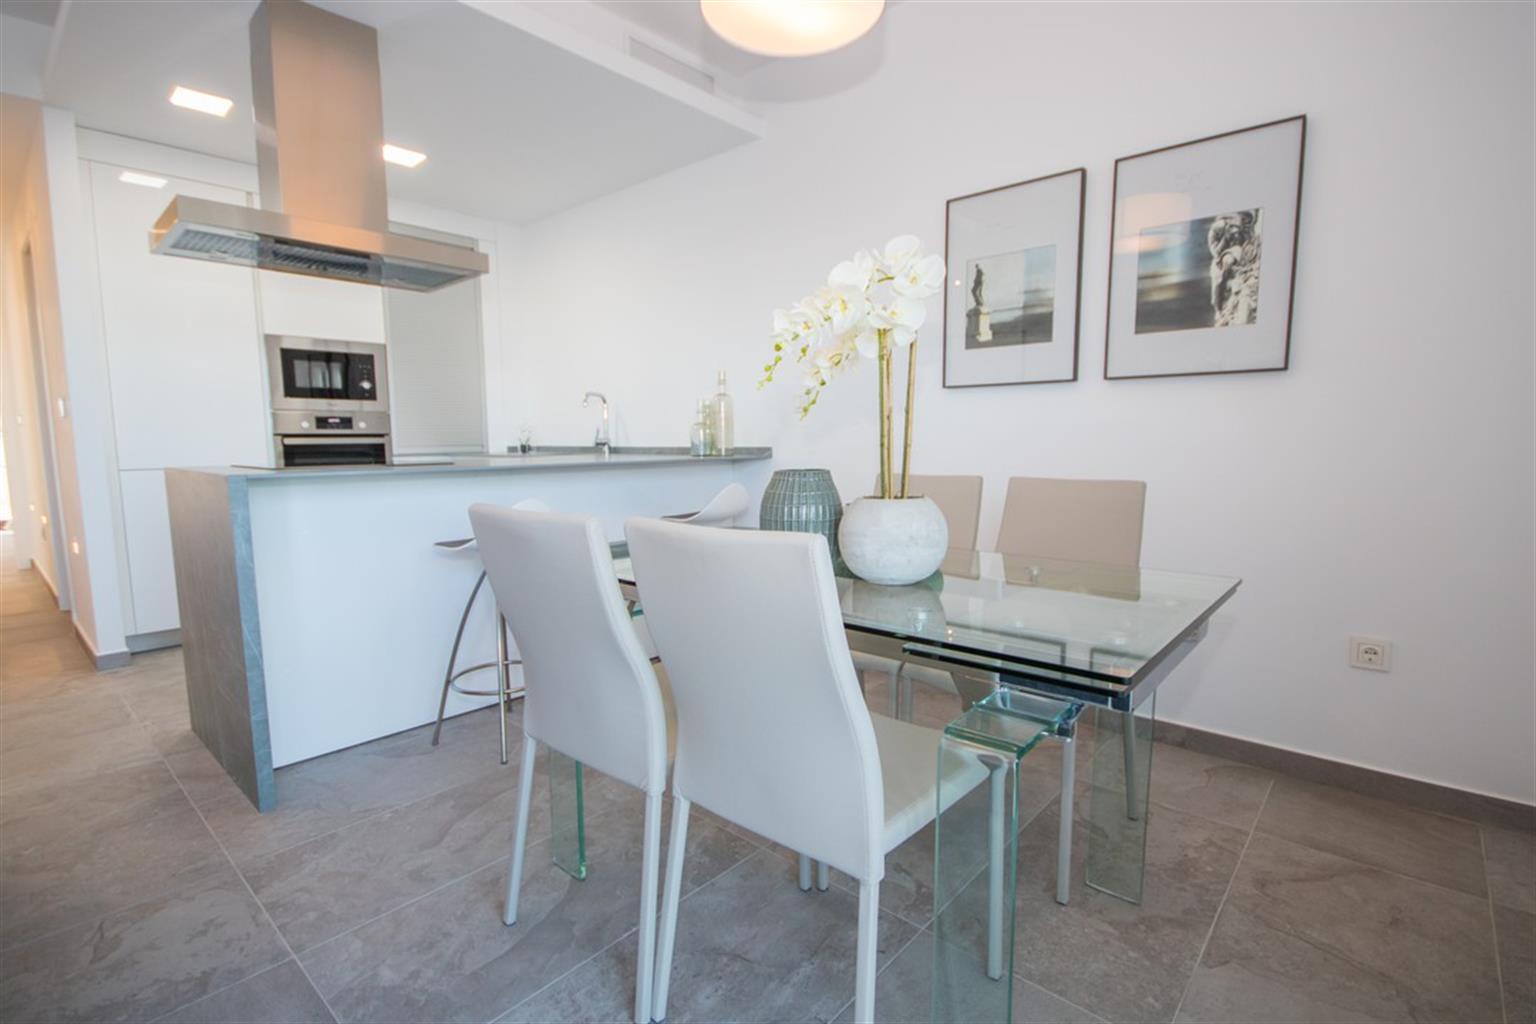 Appartement - Los Balcones  - #4231453-4